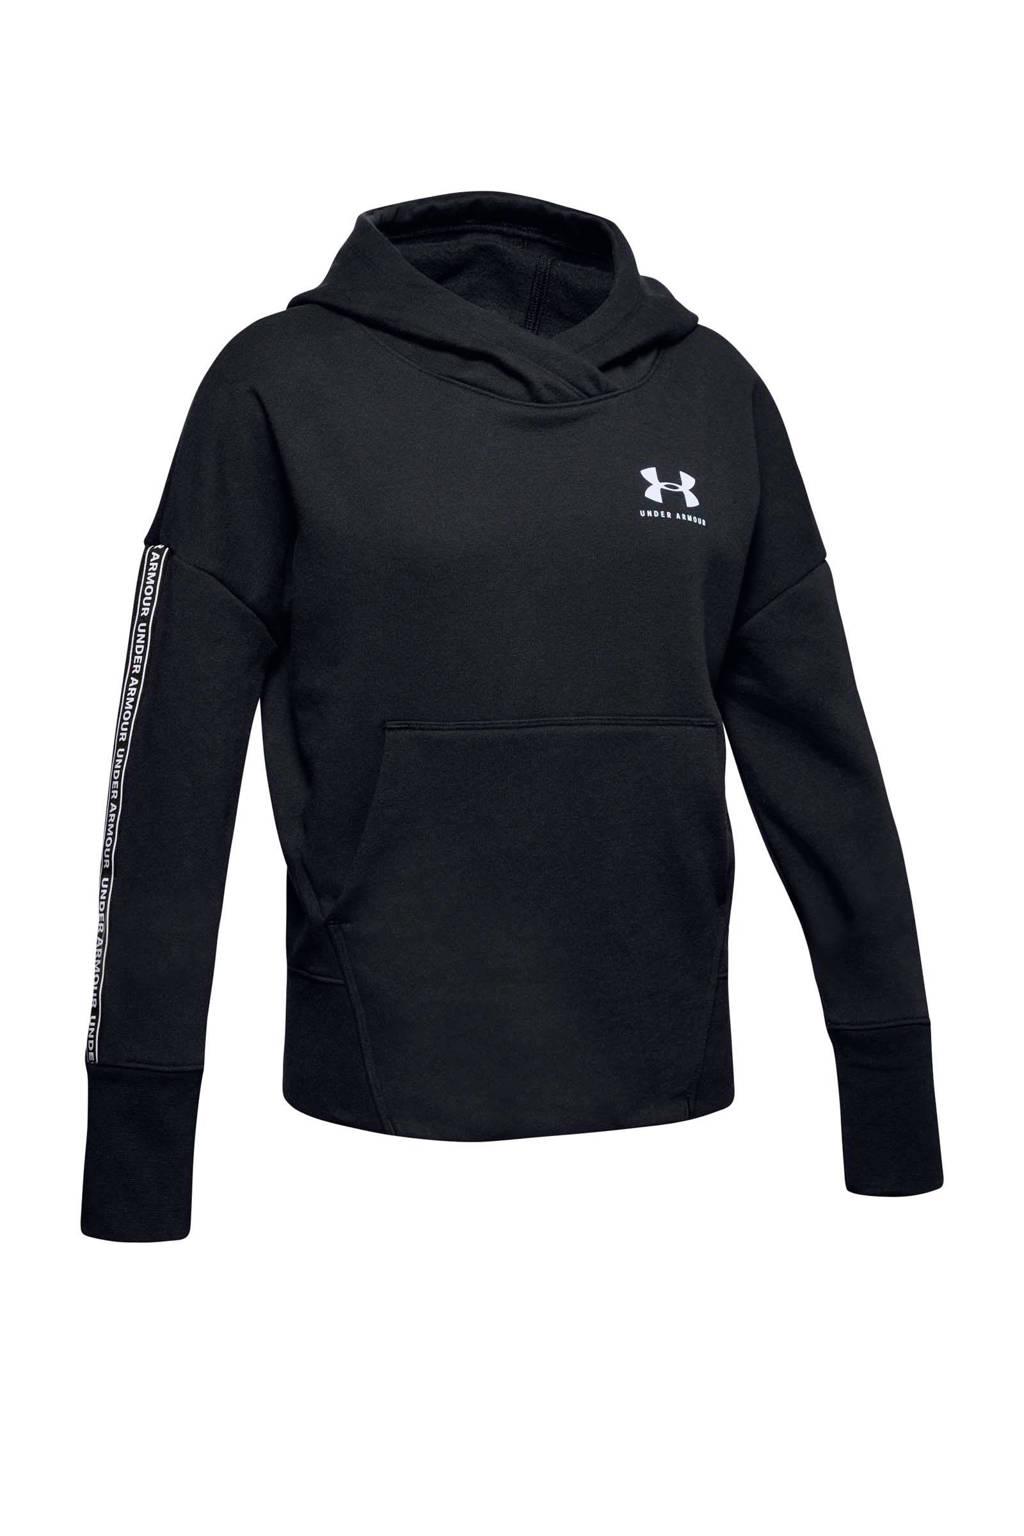 Under Armour hoodie zwart, Zwart